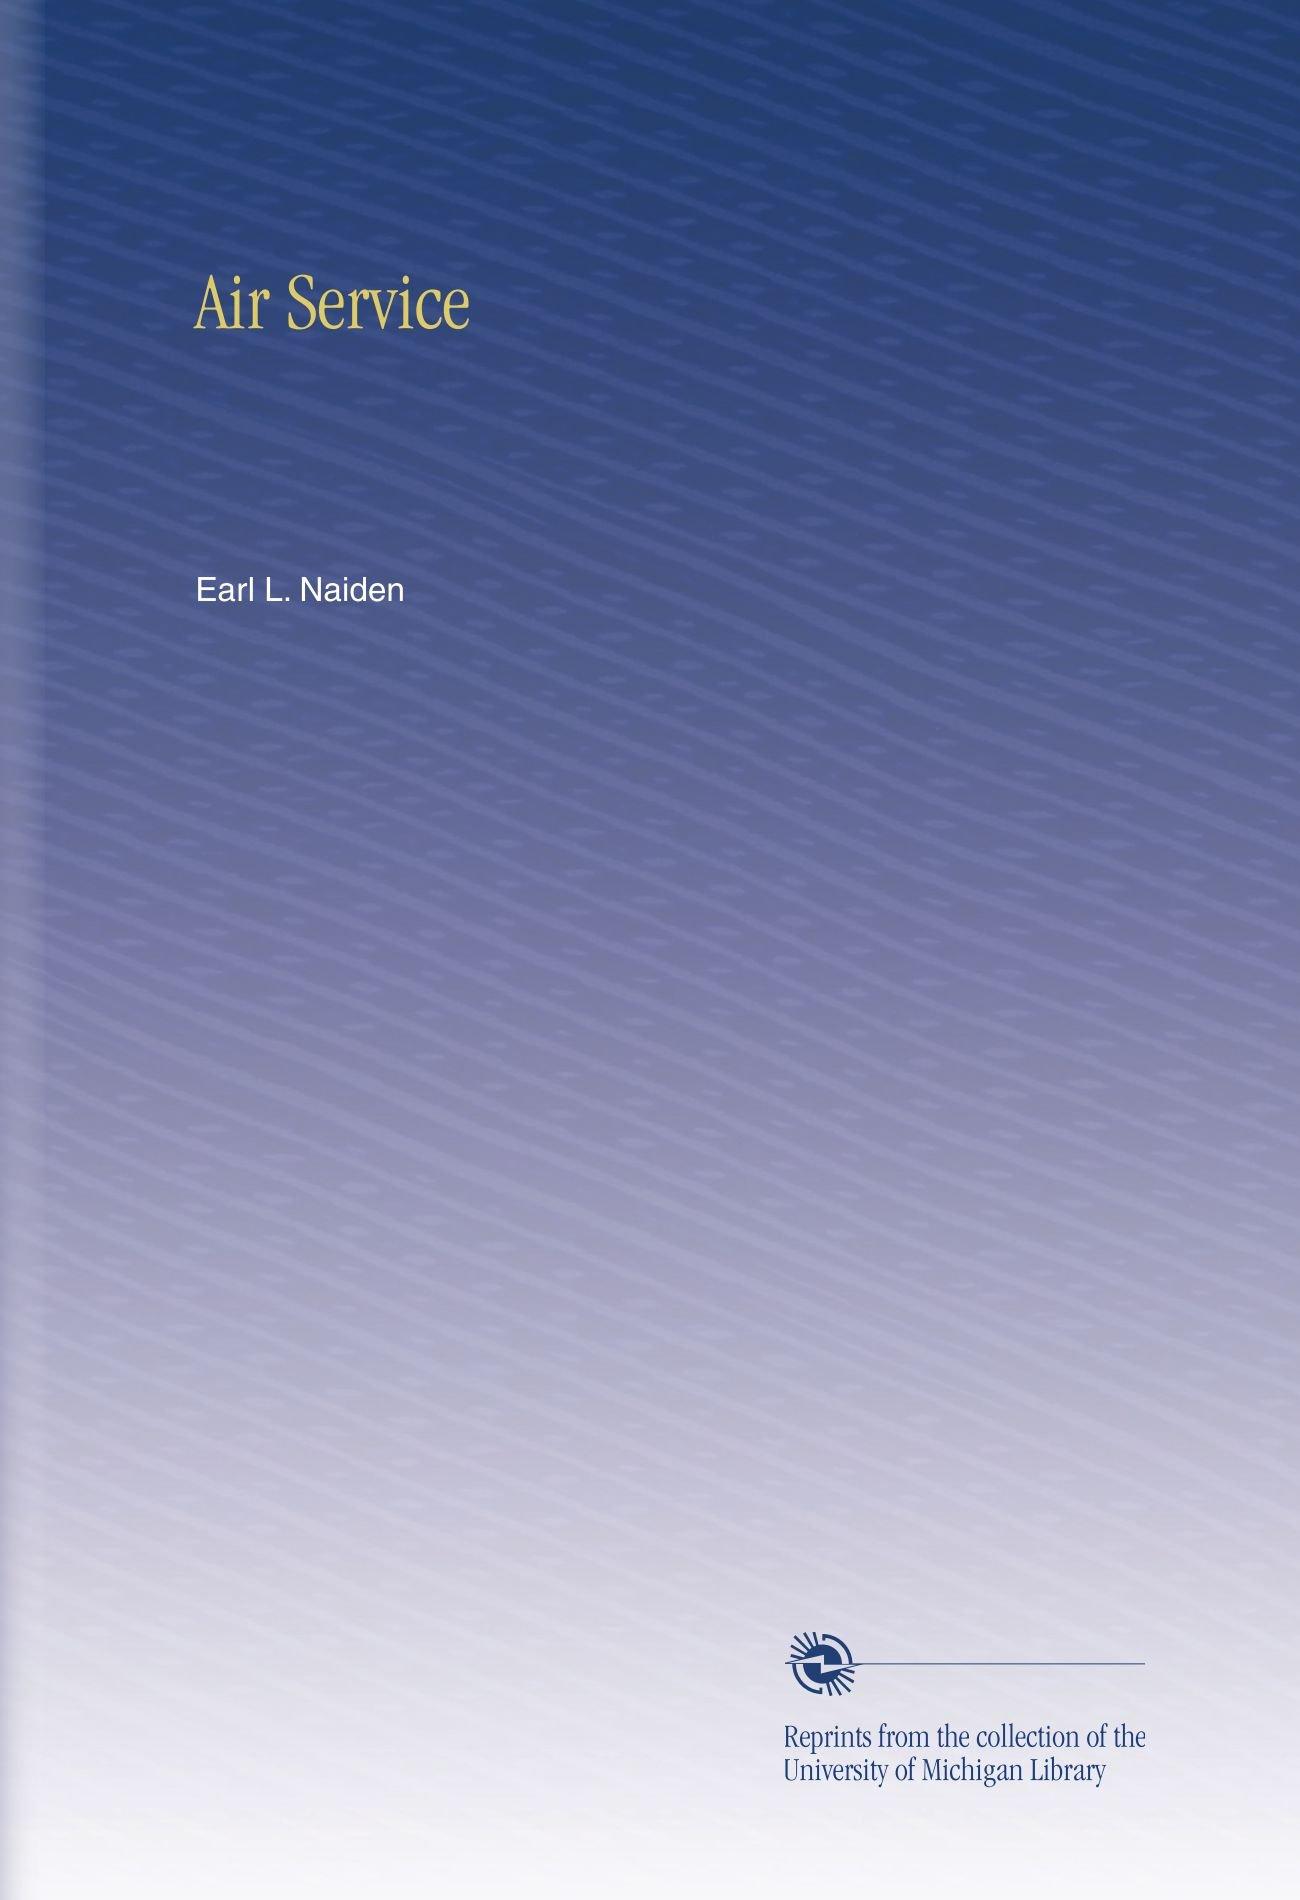 Air Service pdf